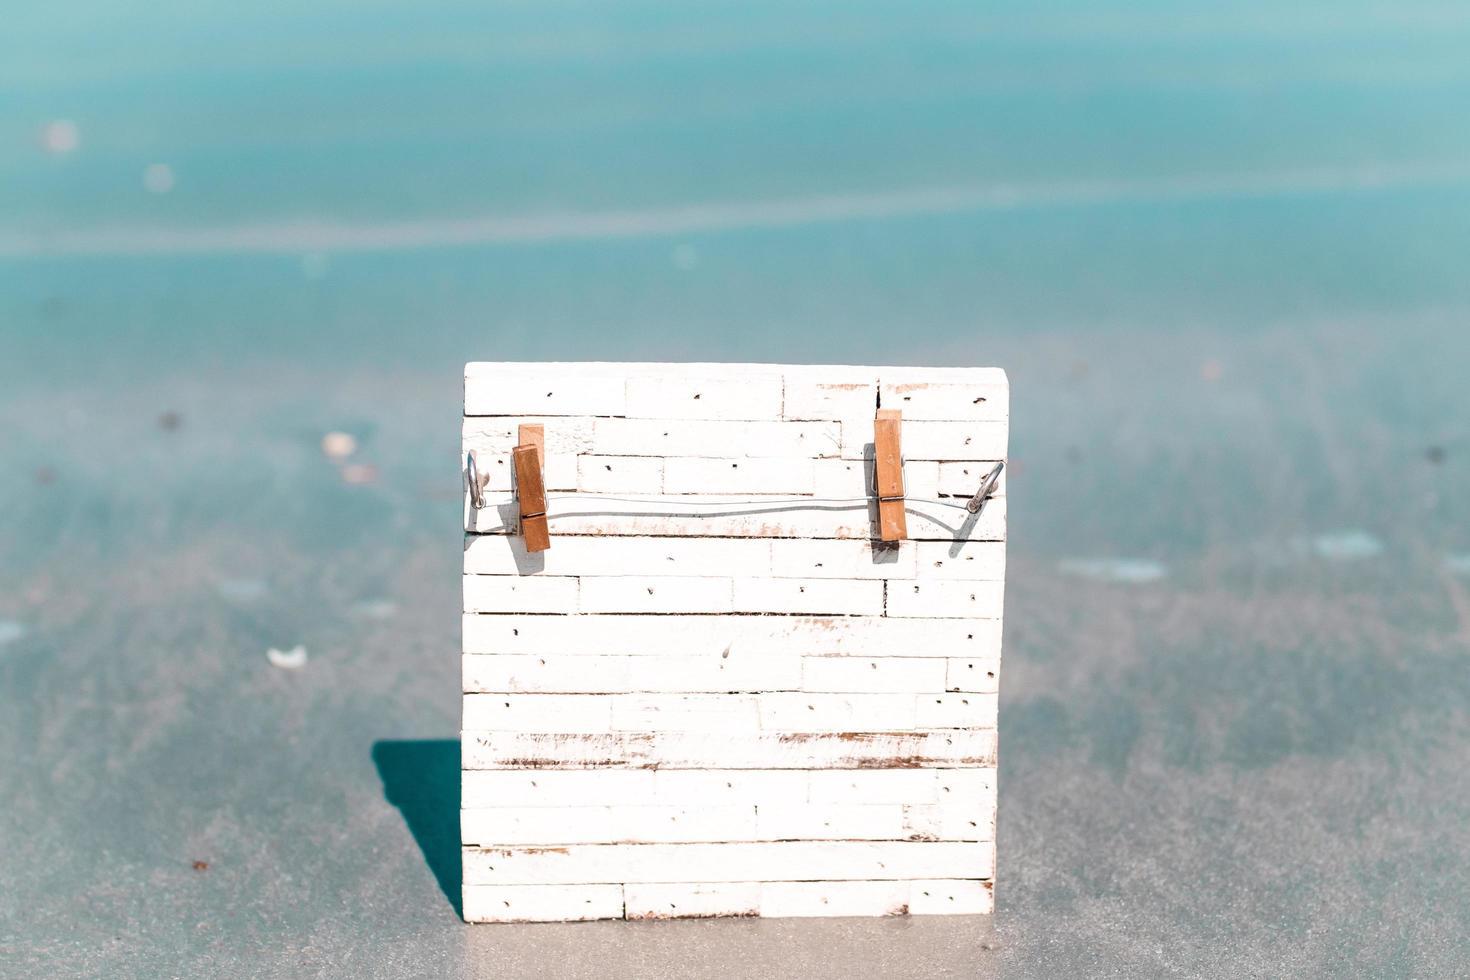 tavola di legno nell'acqua foto